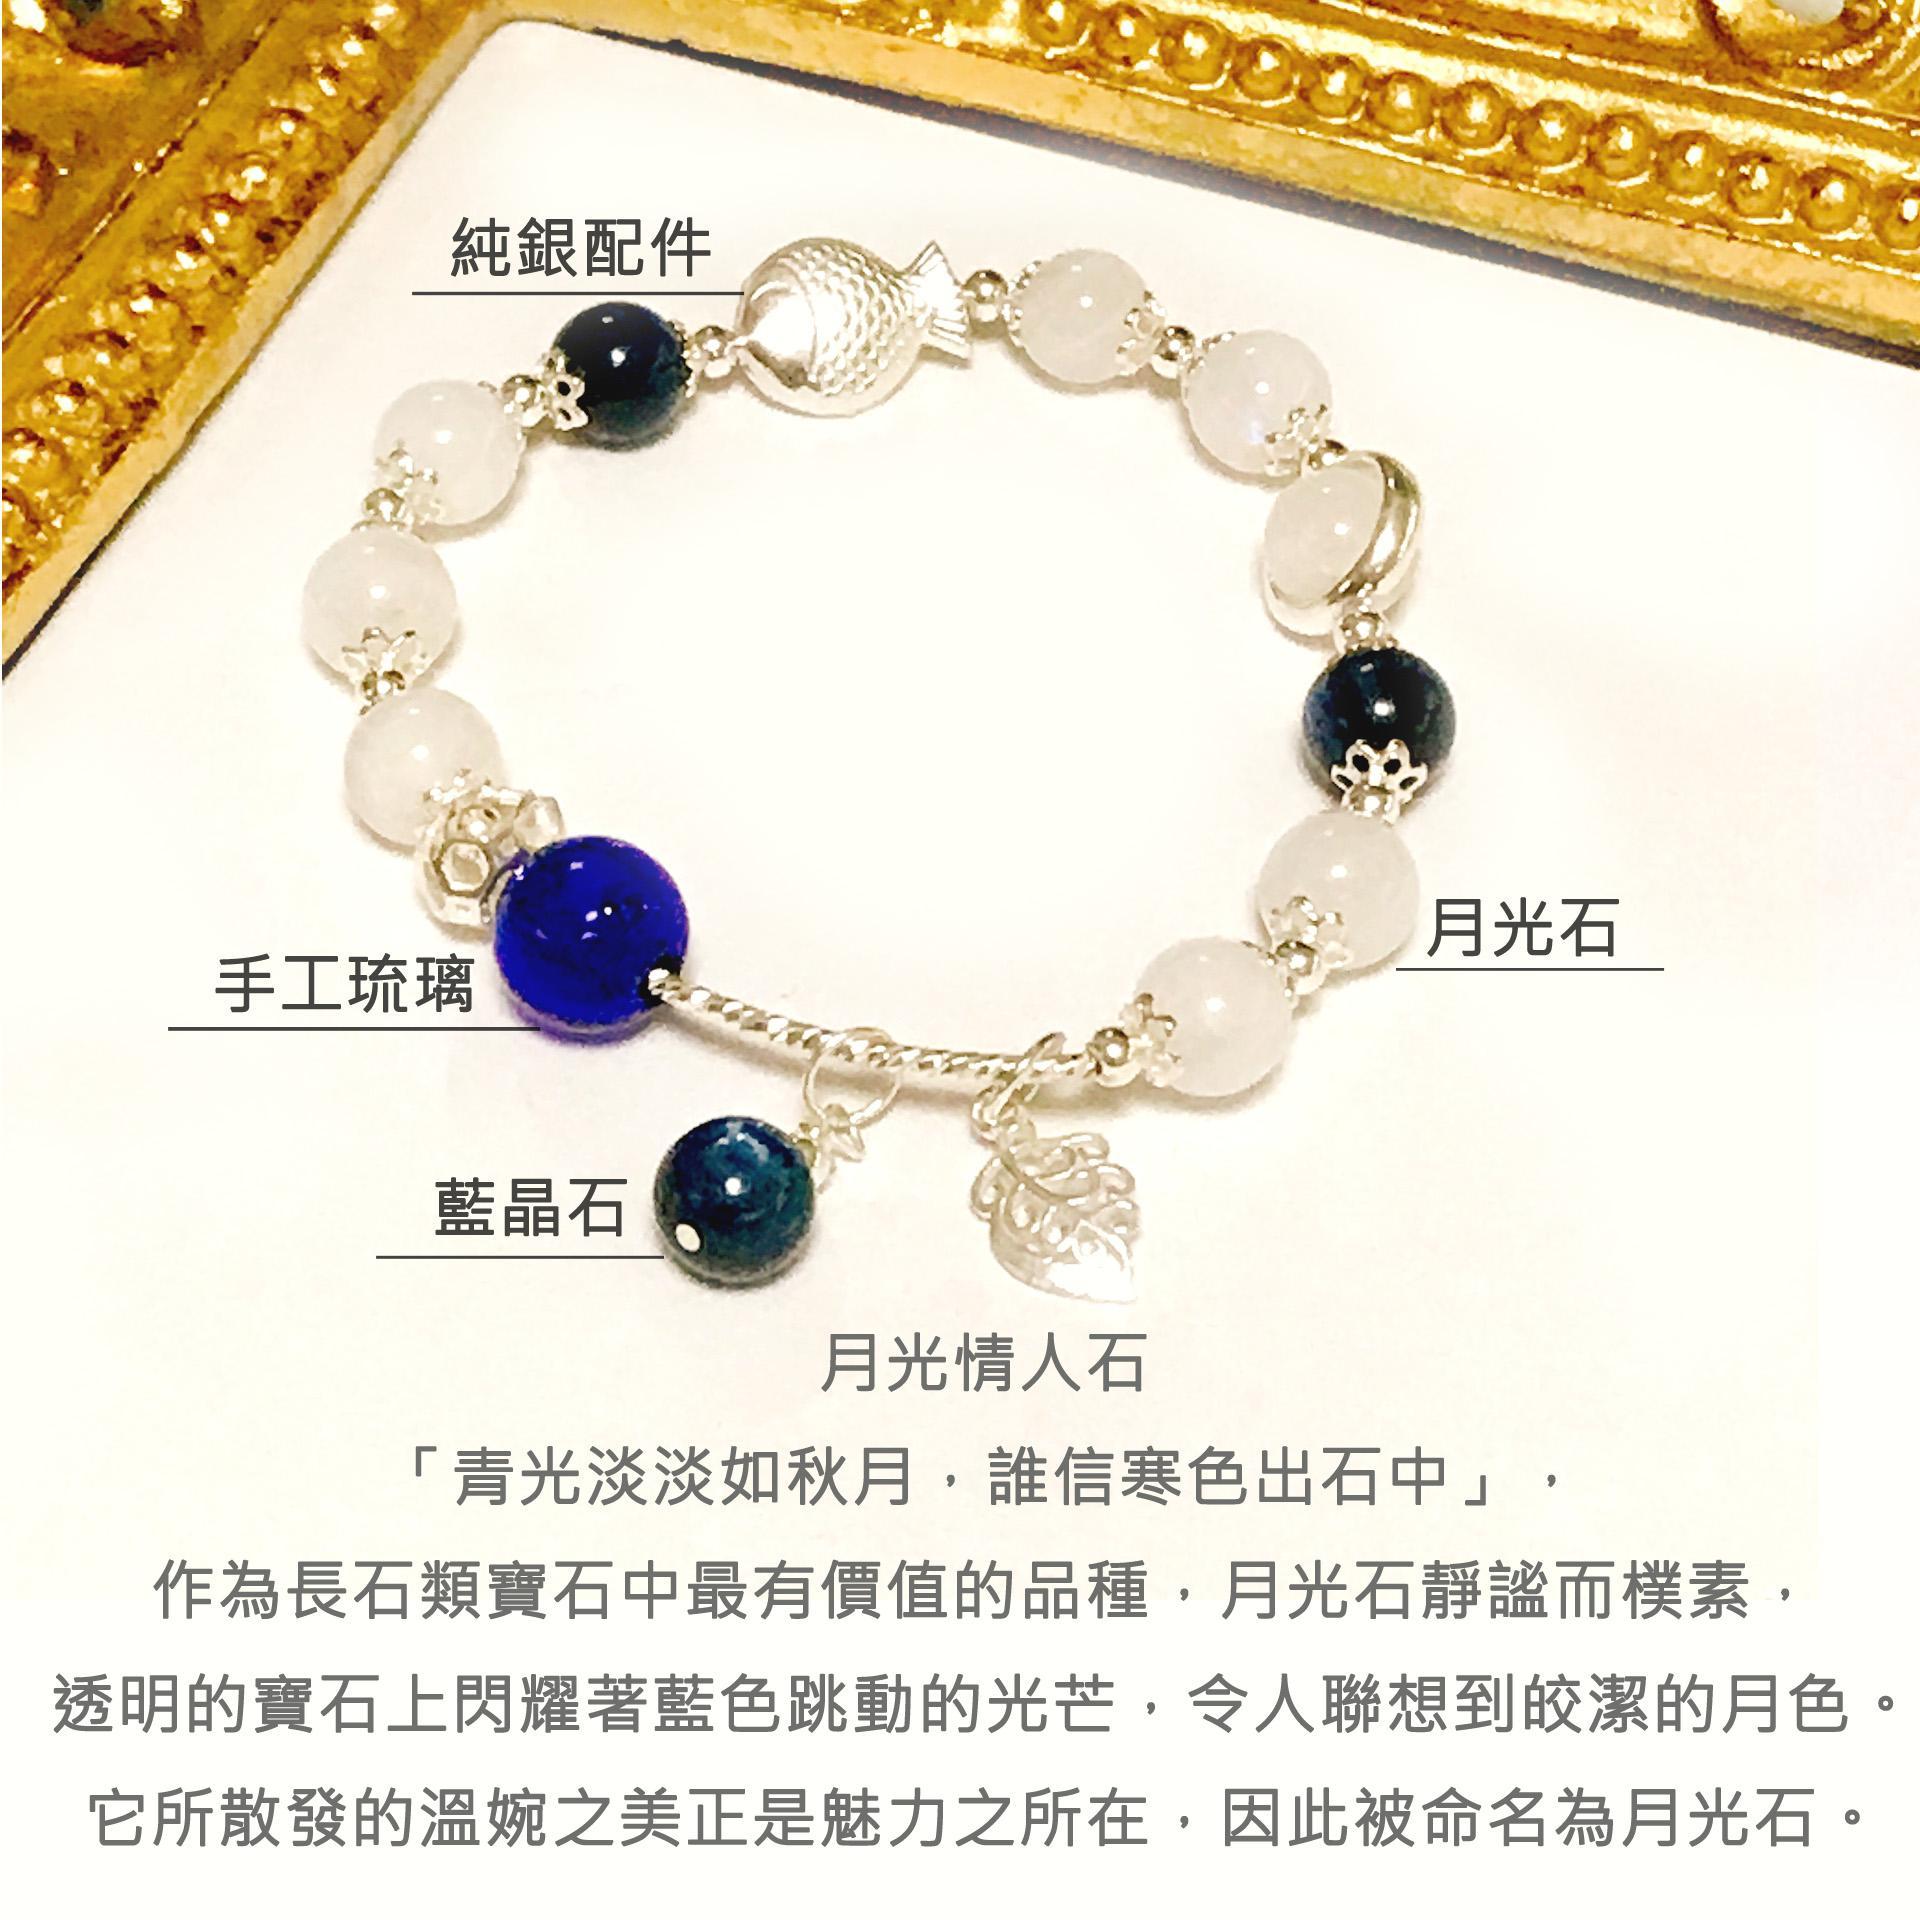 月光石+蓝晶纯银双圈精油手鍊/精油鍊/精油瓶/薰香瓶 1